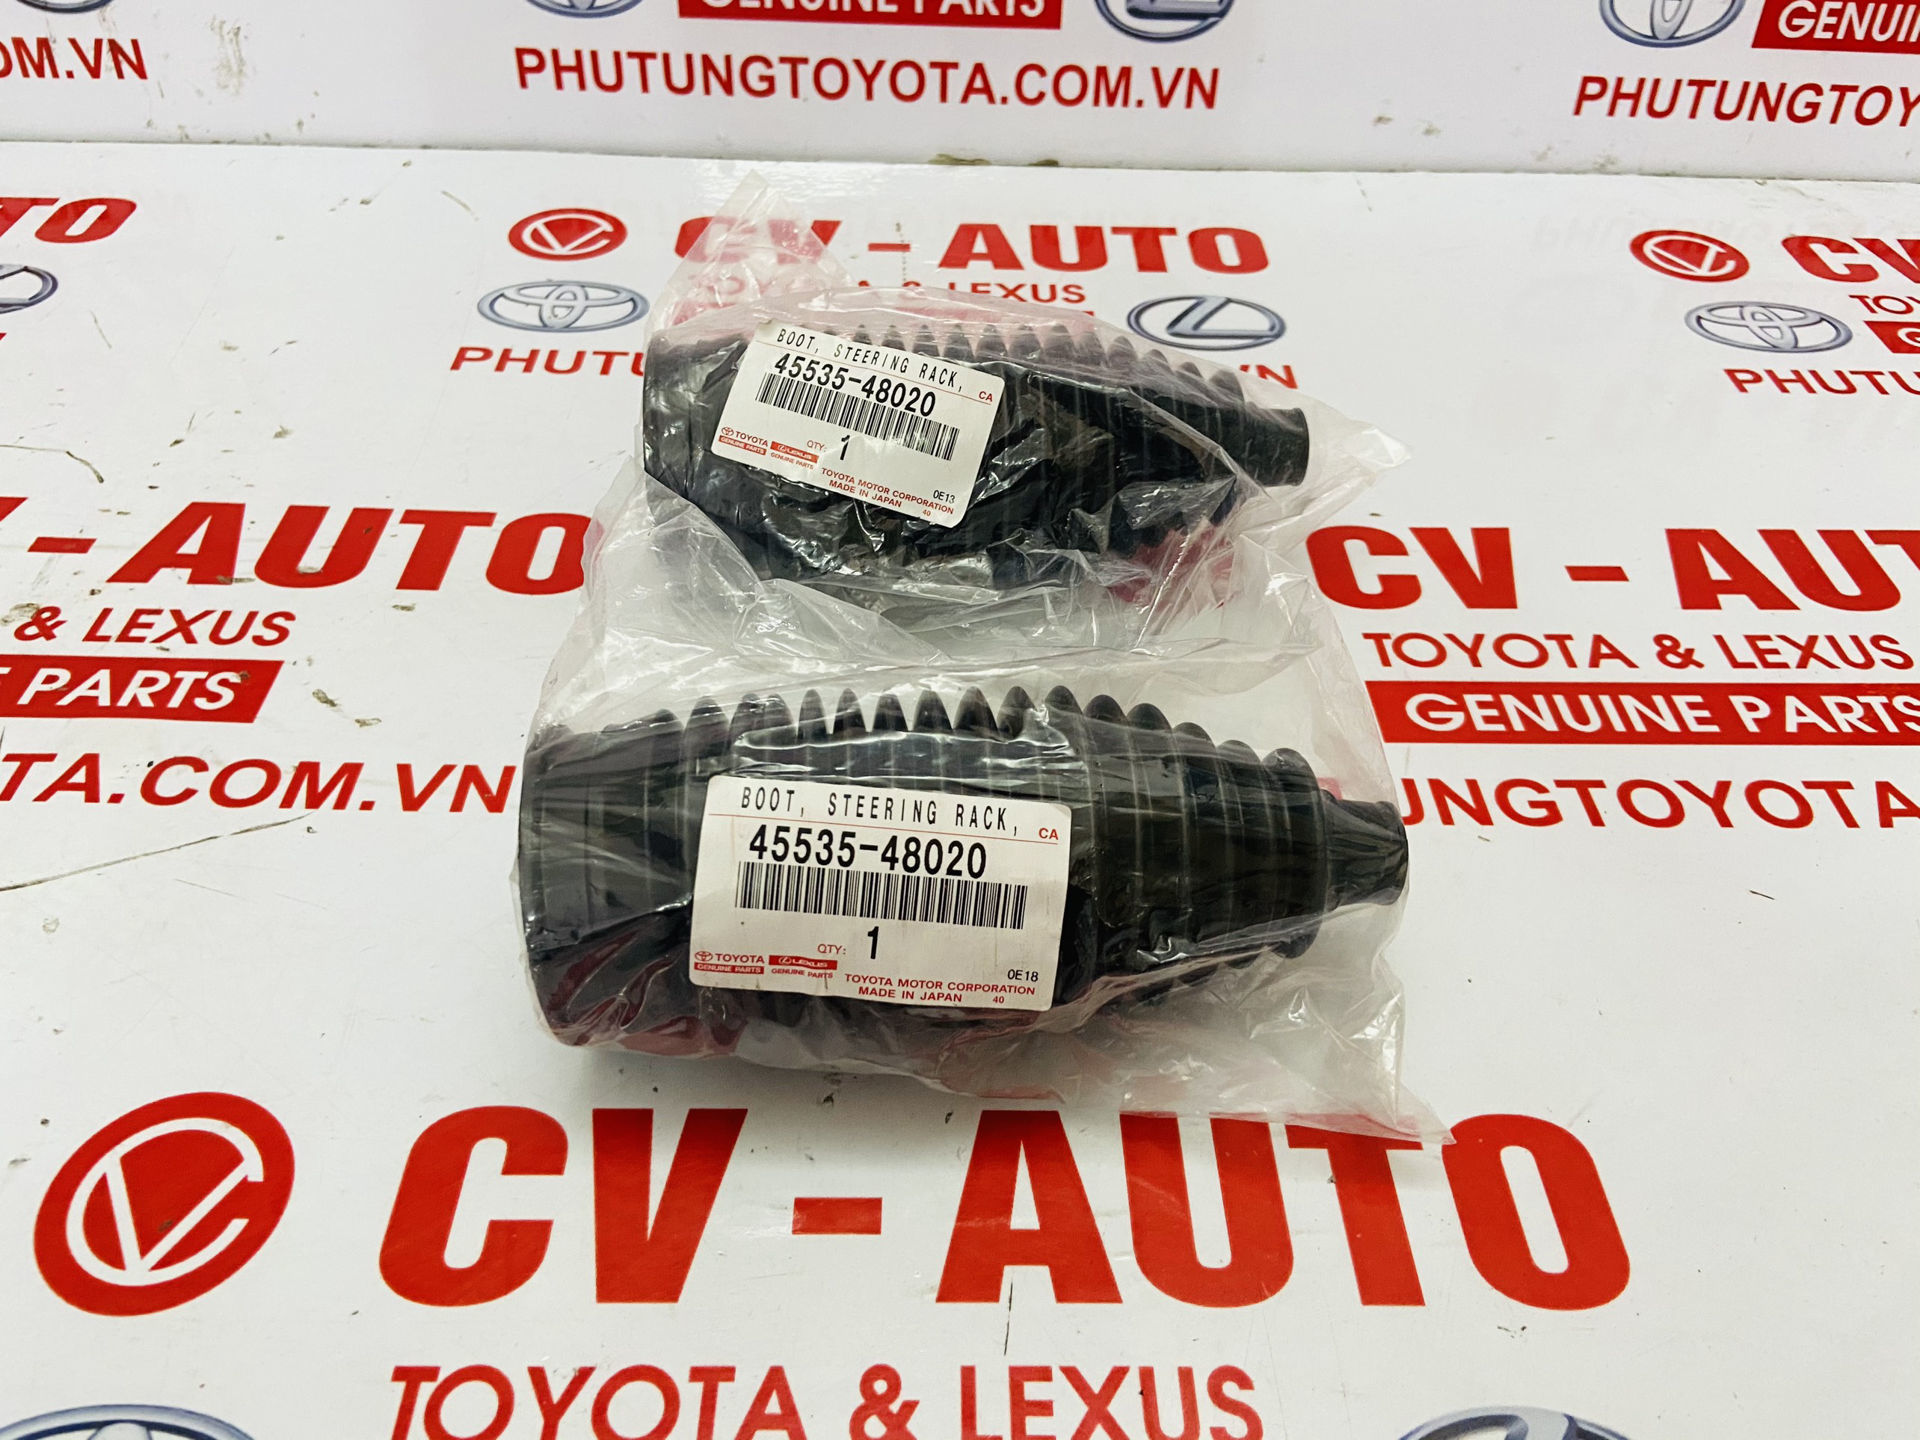 Picture of 45535-48020, 4553548020 Cao su chụp bụi thước lái Lexus RX330 RX350 chính hãng